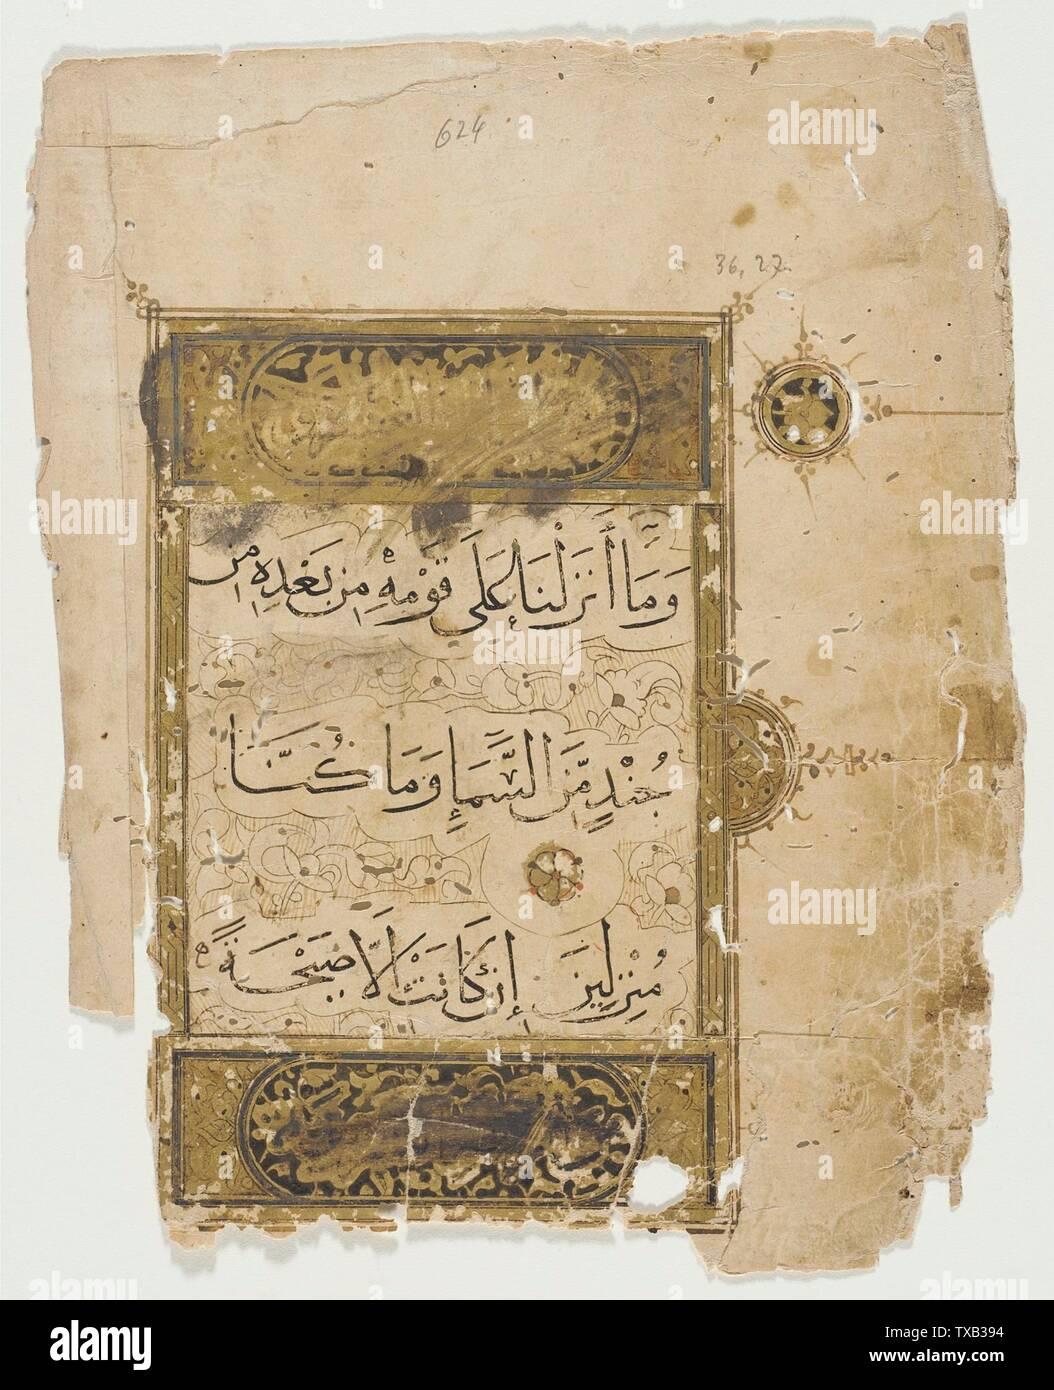 'Page d'un manuscrit du Qur'an (36:28-29); Anglais: Égypte, Mamelouk, 14e siècle Encre, couleurs, manuscrits et d'or sur papier Folio, total: 10 1/2 x 8 7/16 in. (26,67 x 21,43 cm); bloc de texte: 4 1/4 x 4 1/2 in. (10,8 x 11,43 cm) La Collection d'Art Islamique de Madina, don de Camilla Chandler Frost (M.2002.1.397); l'Art Islamique date du 14ème siècle:P QS571,+1350-00-00T00:00:00Z/7; ' Photo Stock